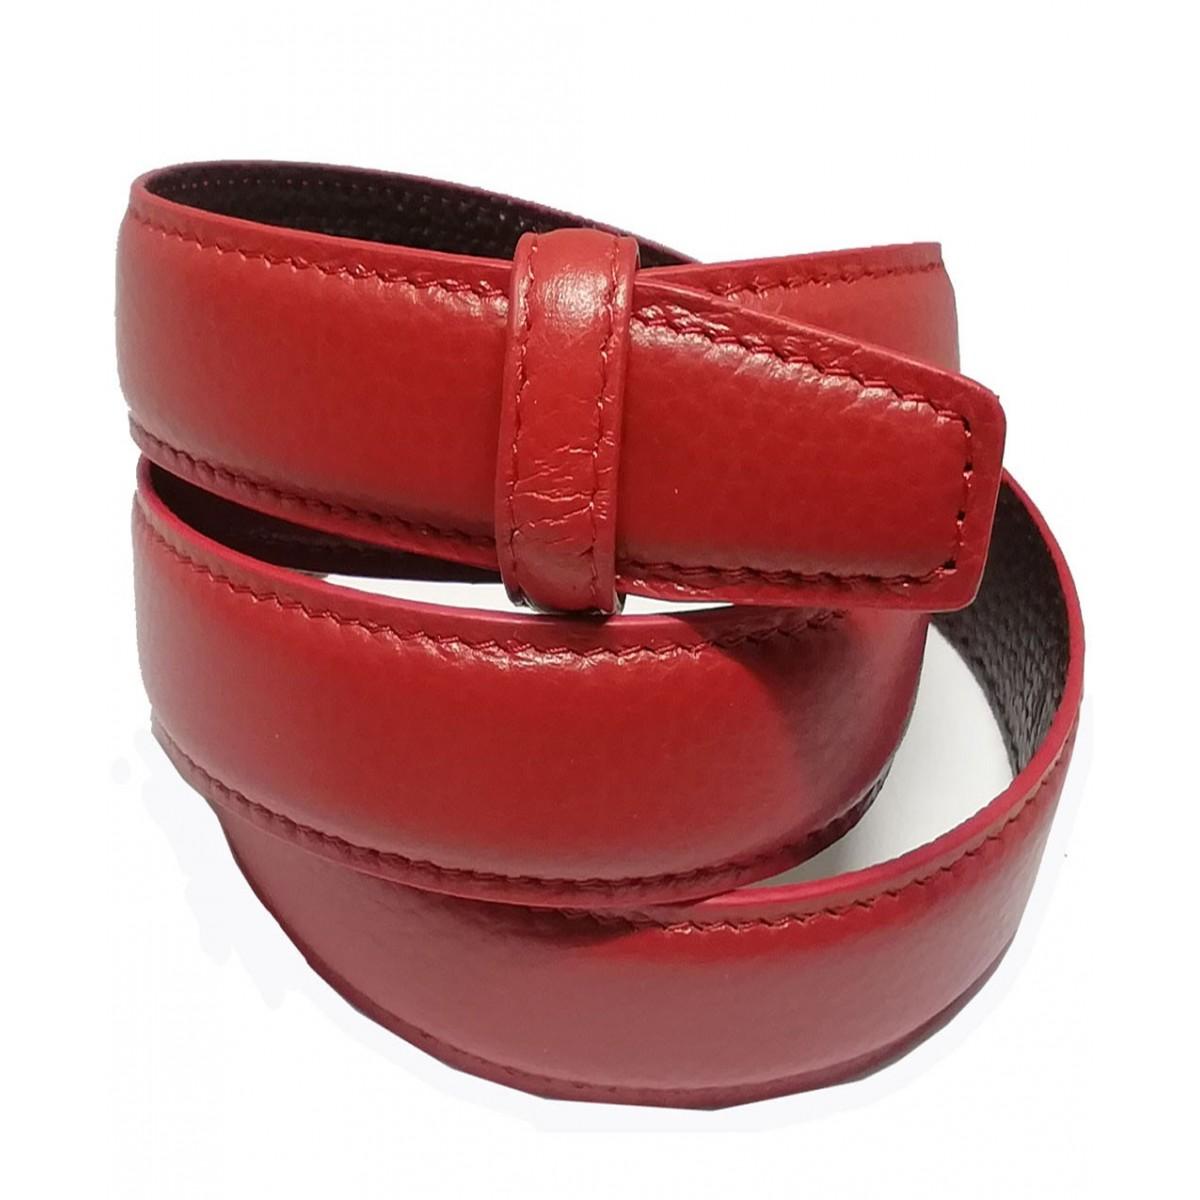 Lanière à crémaillère cuir Lady  rouge finition Luxe pour ceinture à boucle automatique